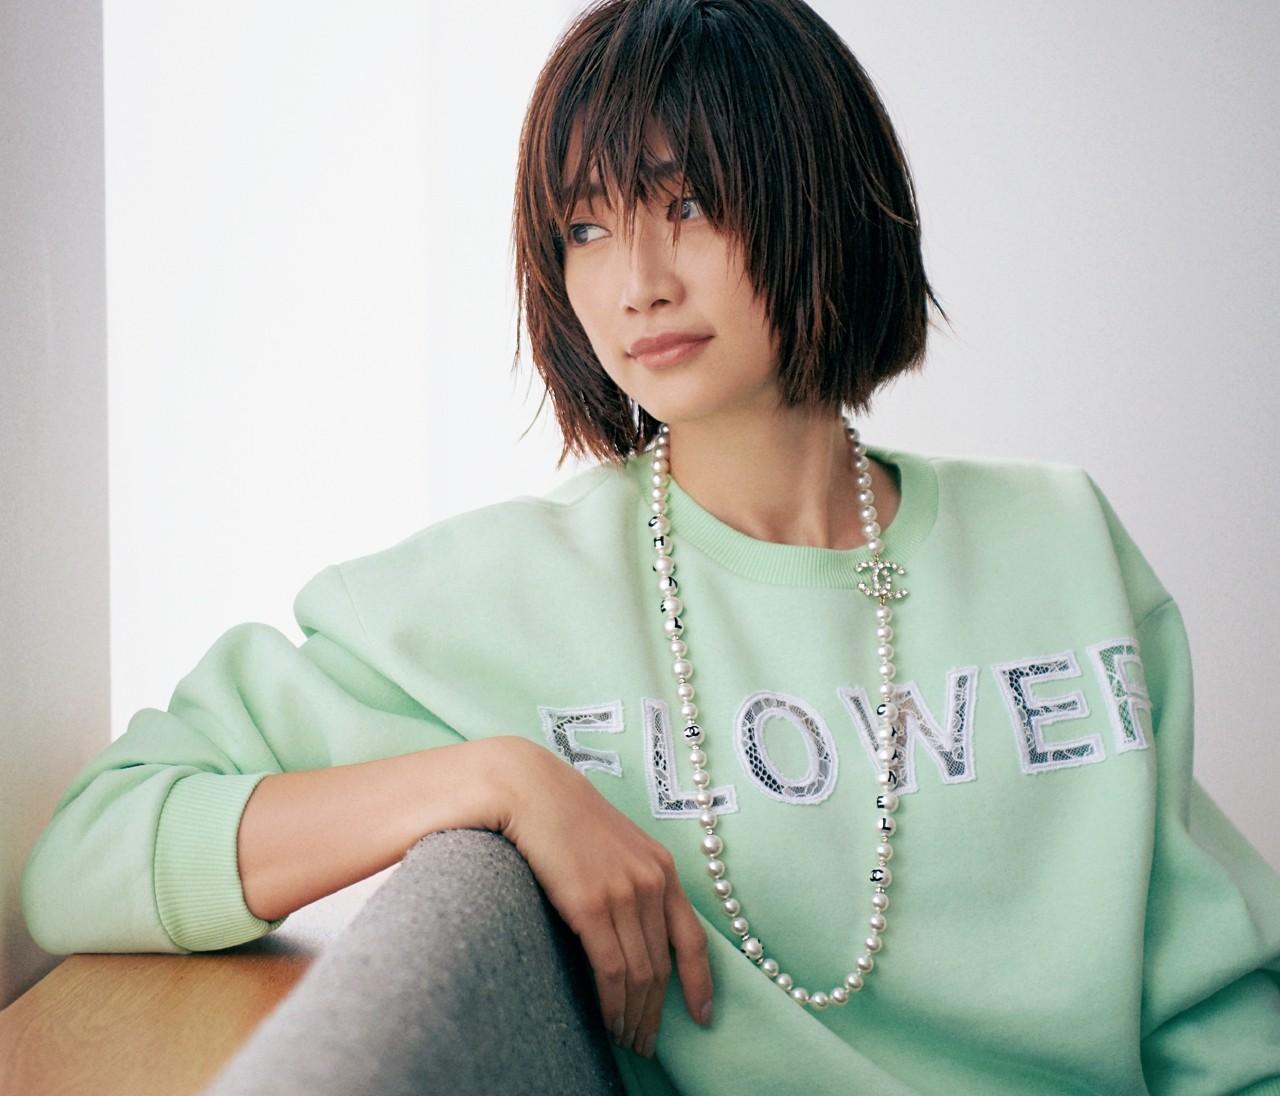 【ヨンアの私物ジュエリー公開】シャネル、TASAKI、セリーヌ…パールはカジュアルに!